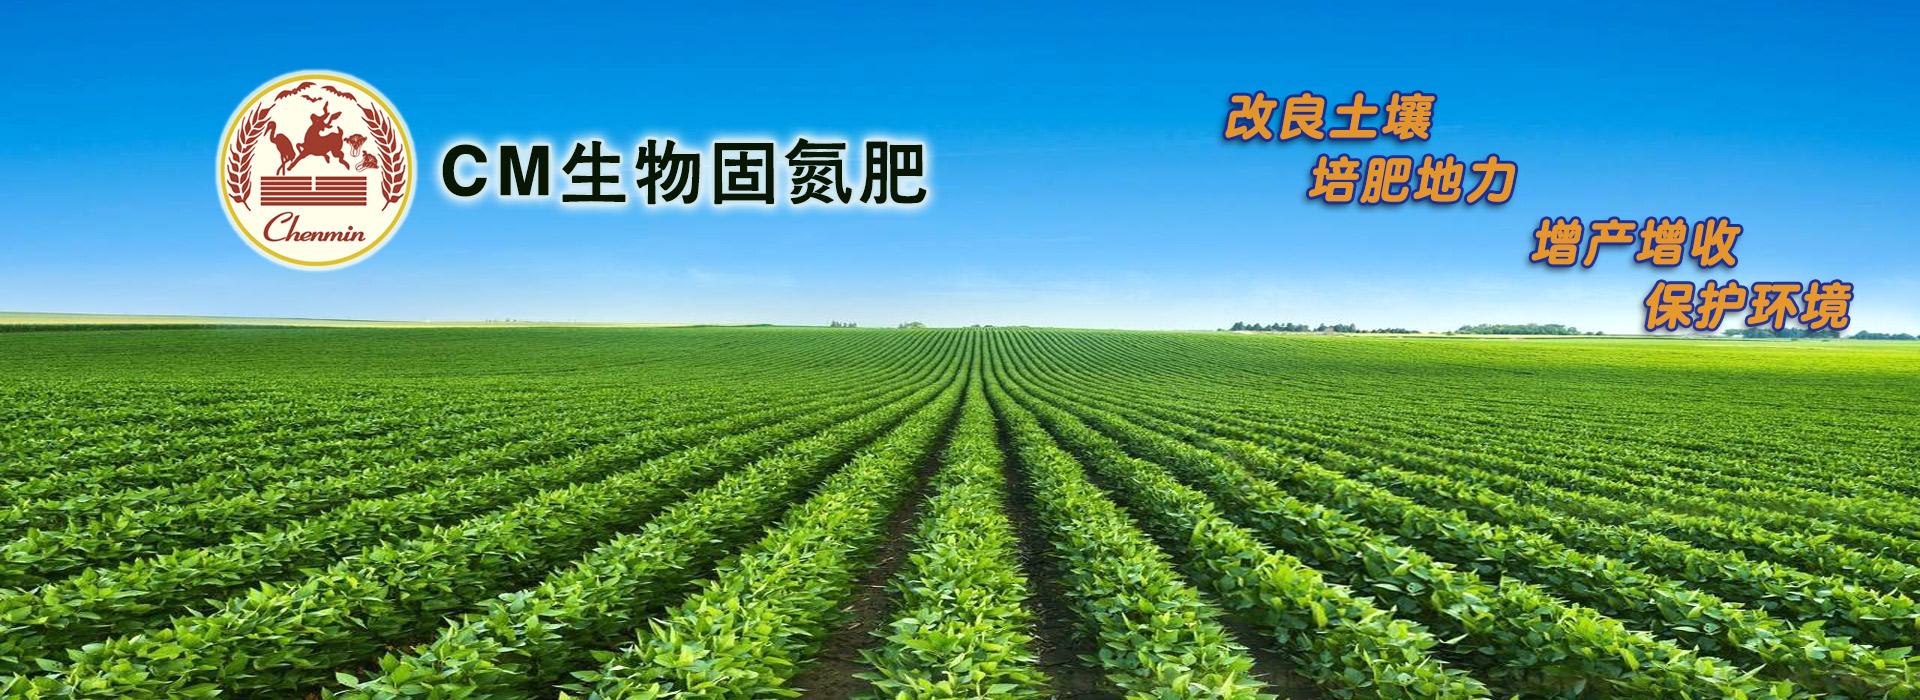 亿发彩票-CM固氮肥